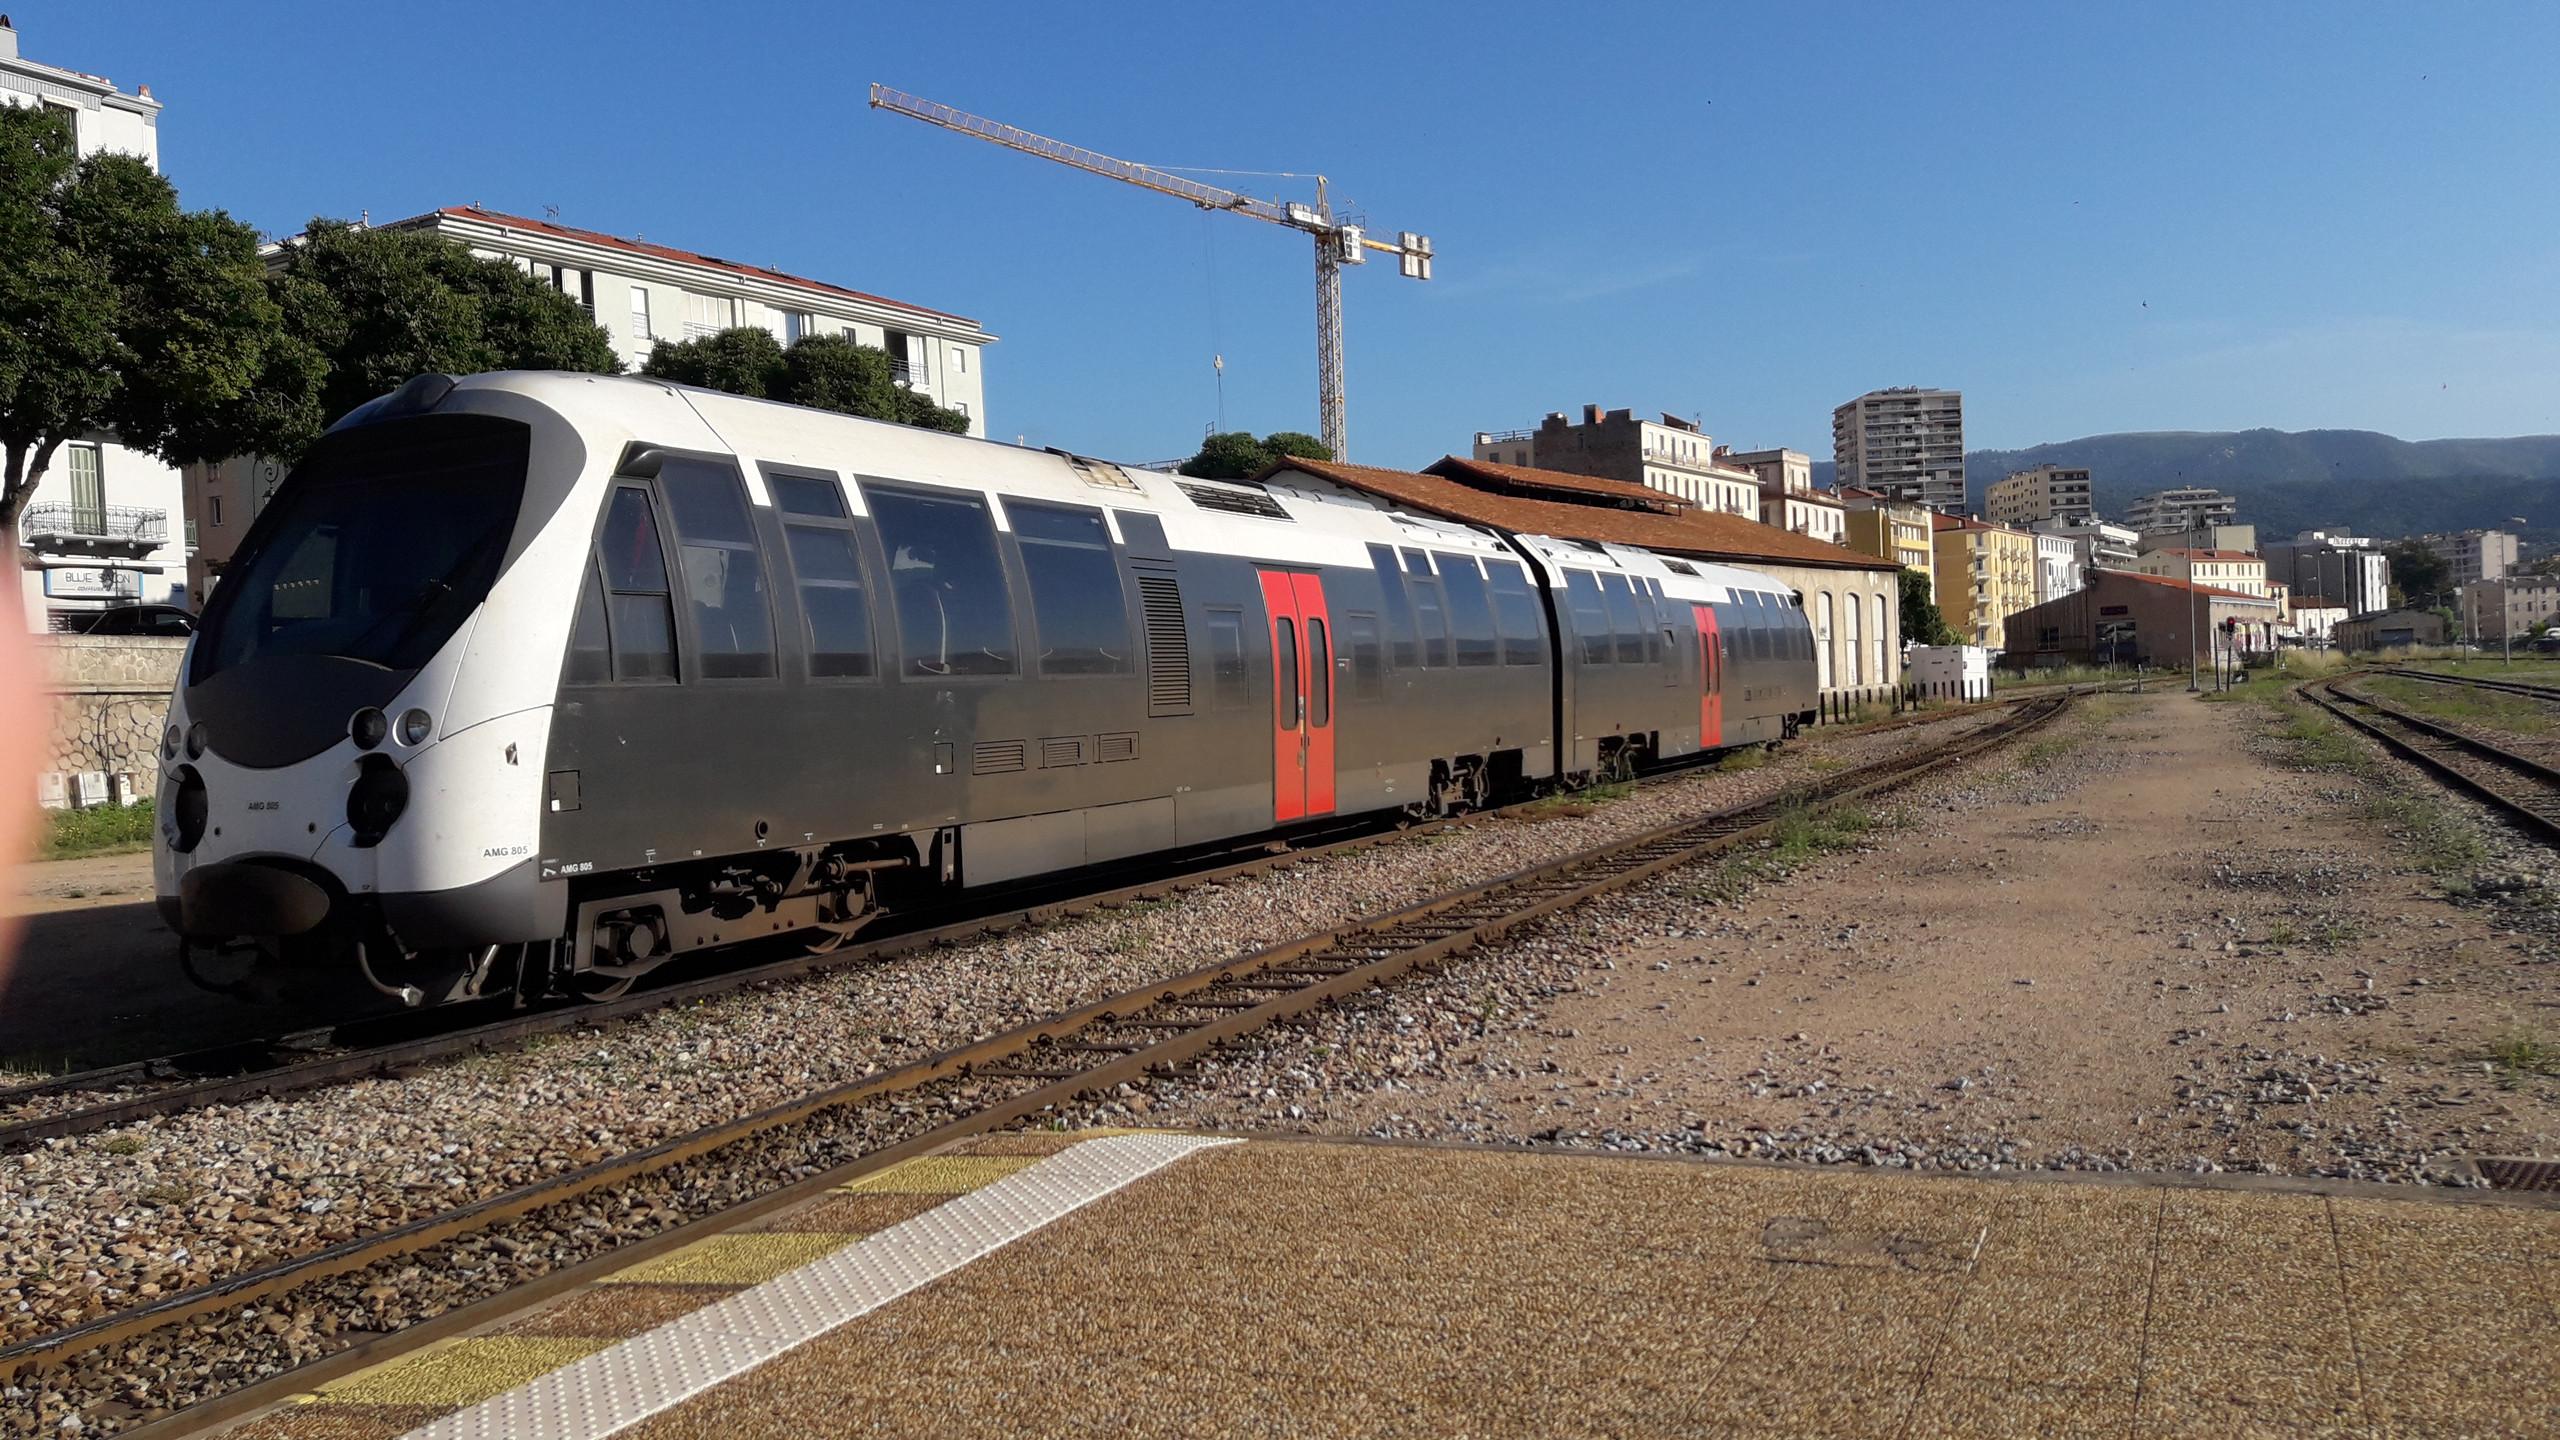 Chemins de fer de Corse